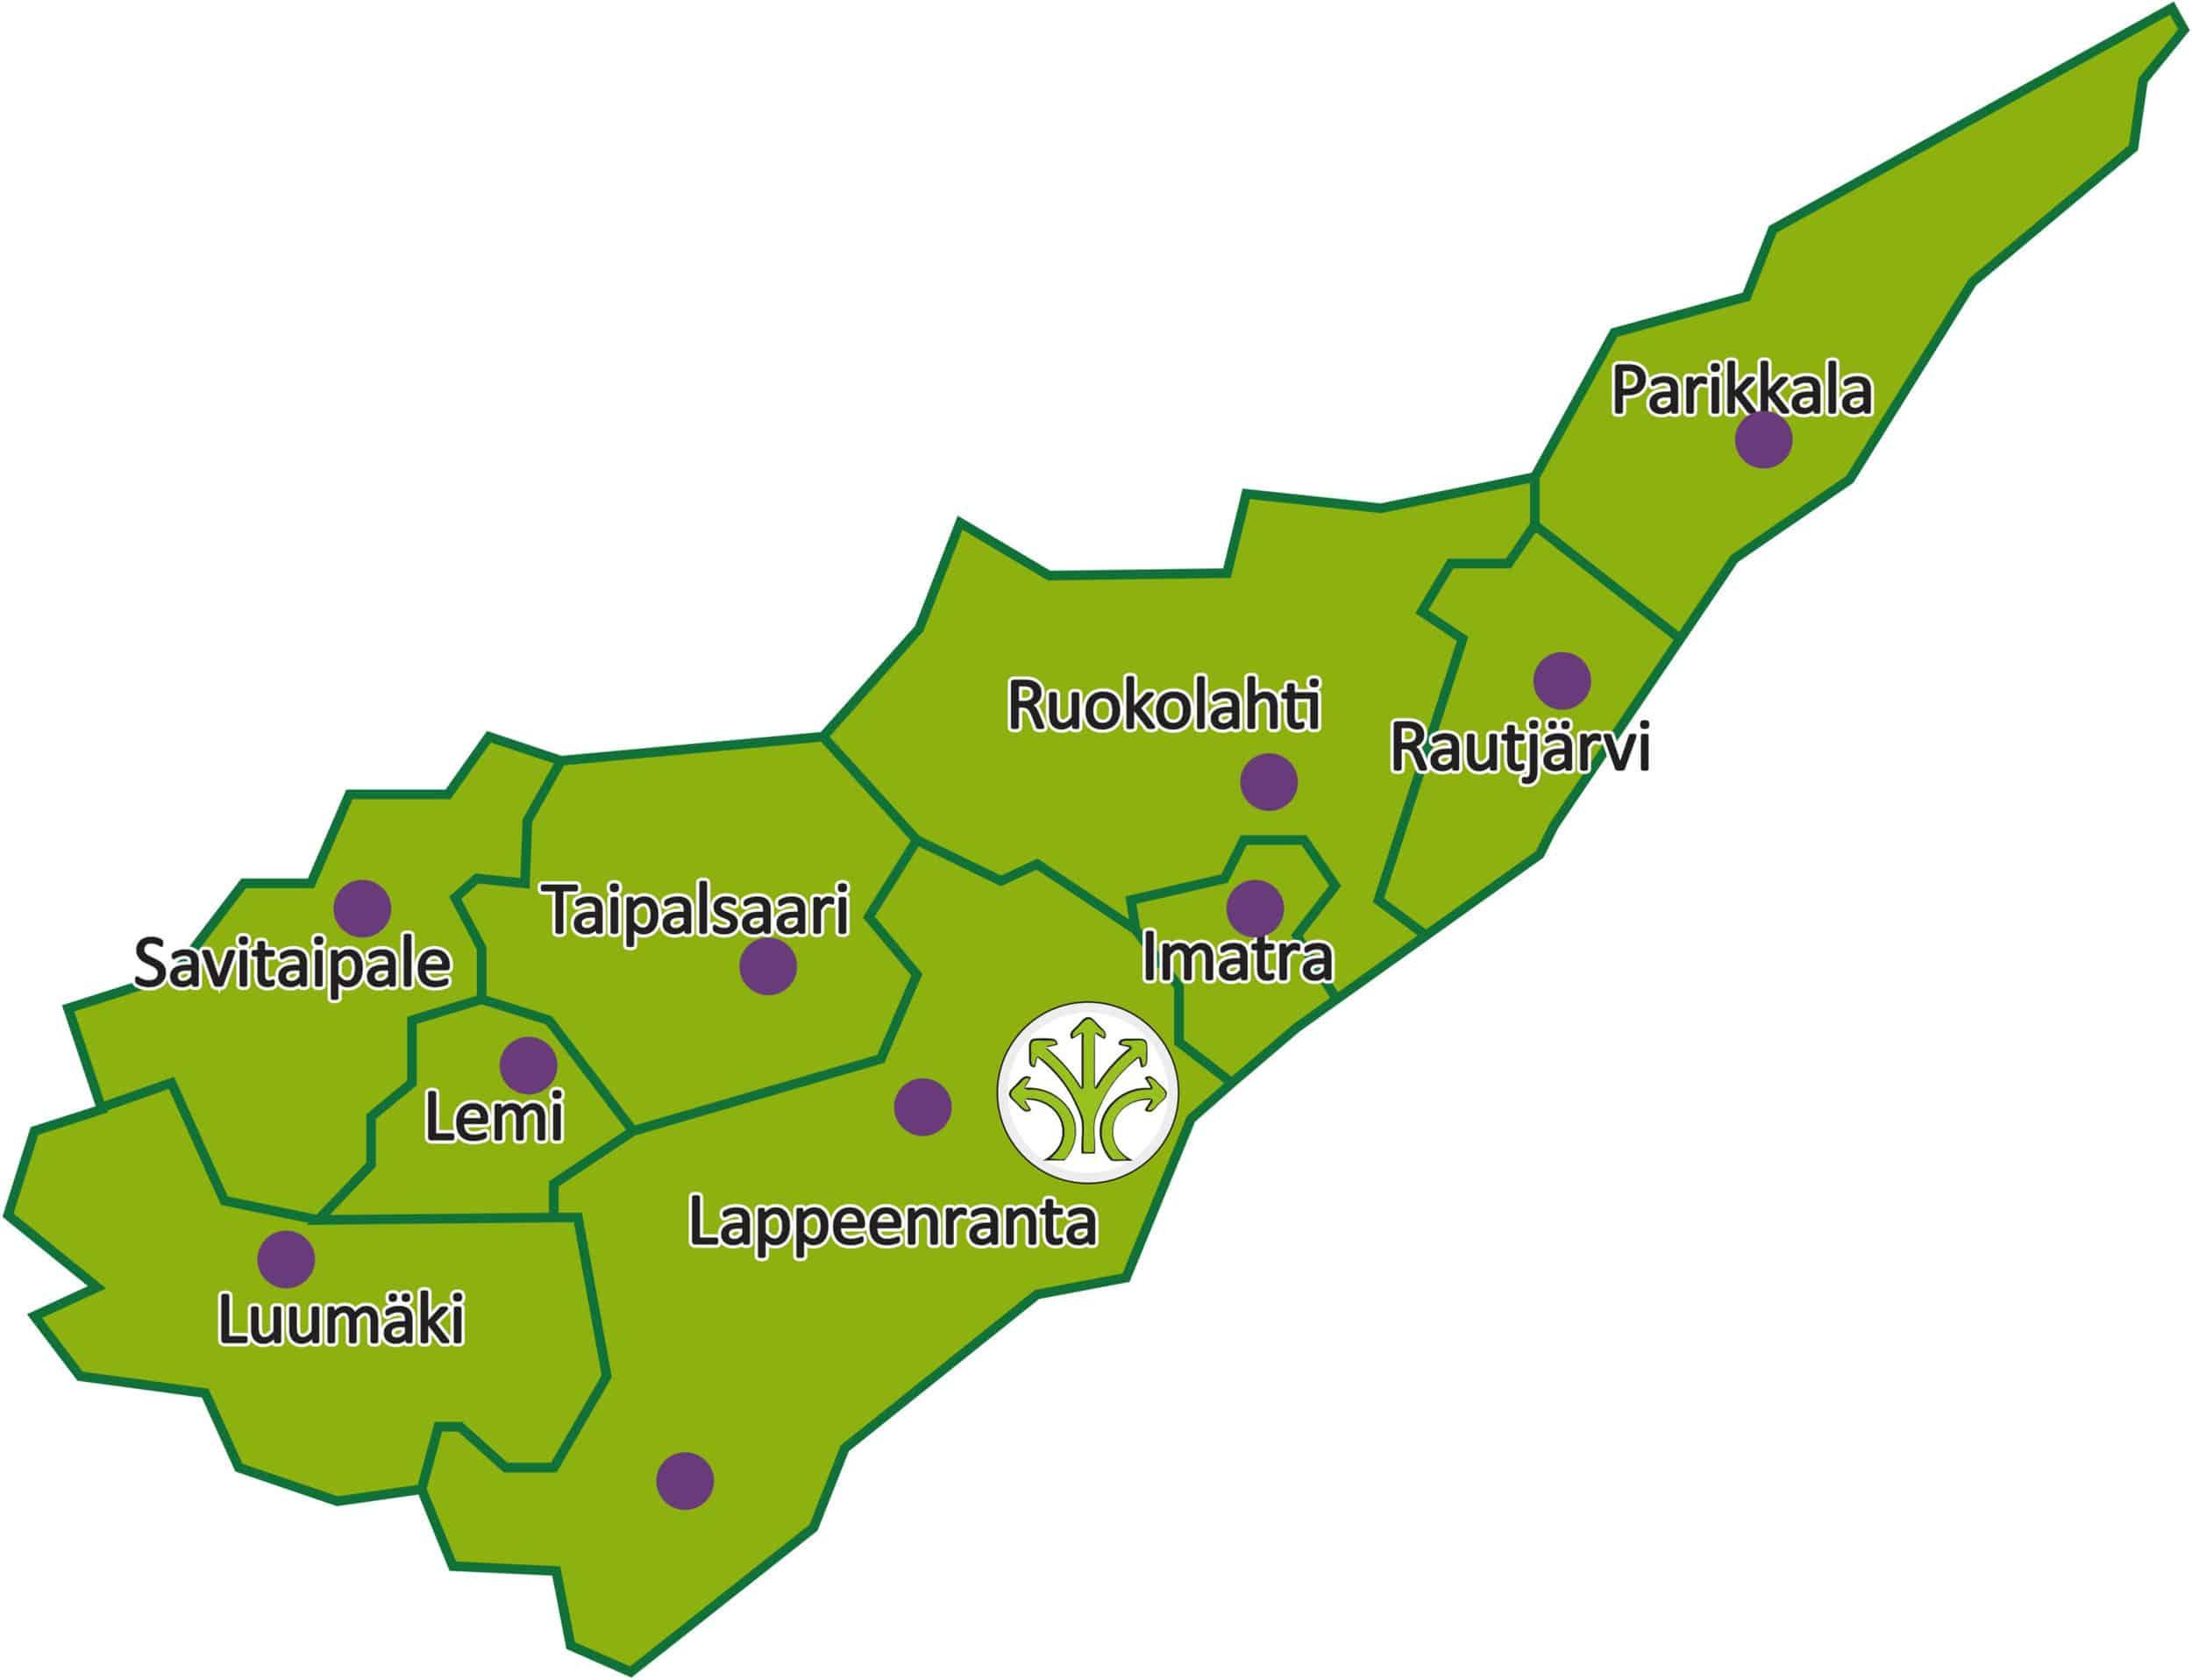 The map of South Carelia